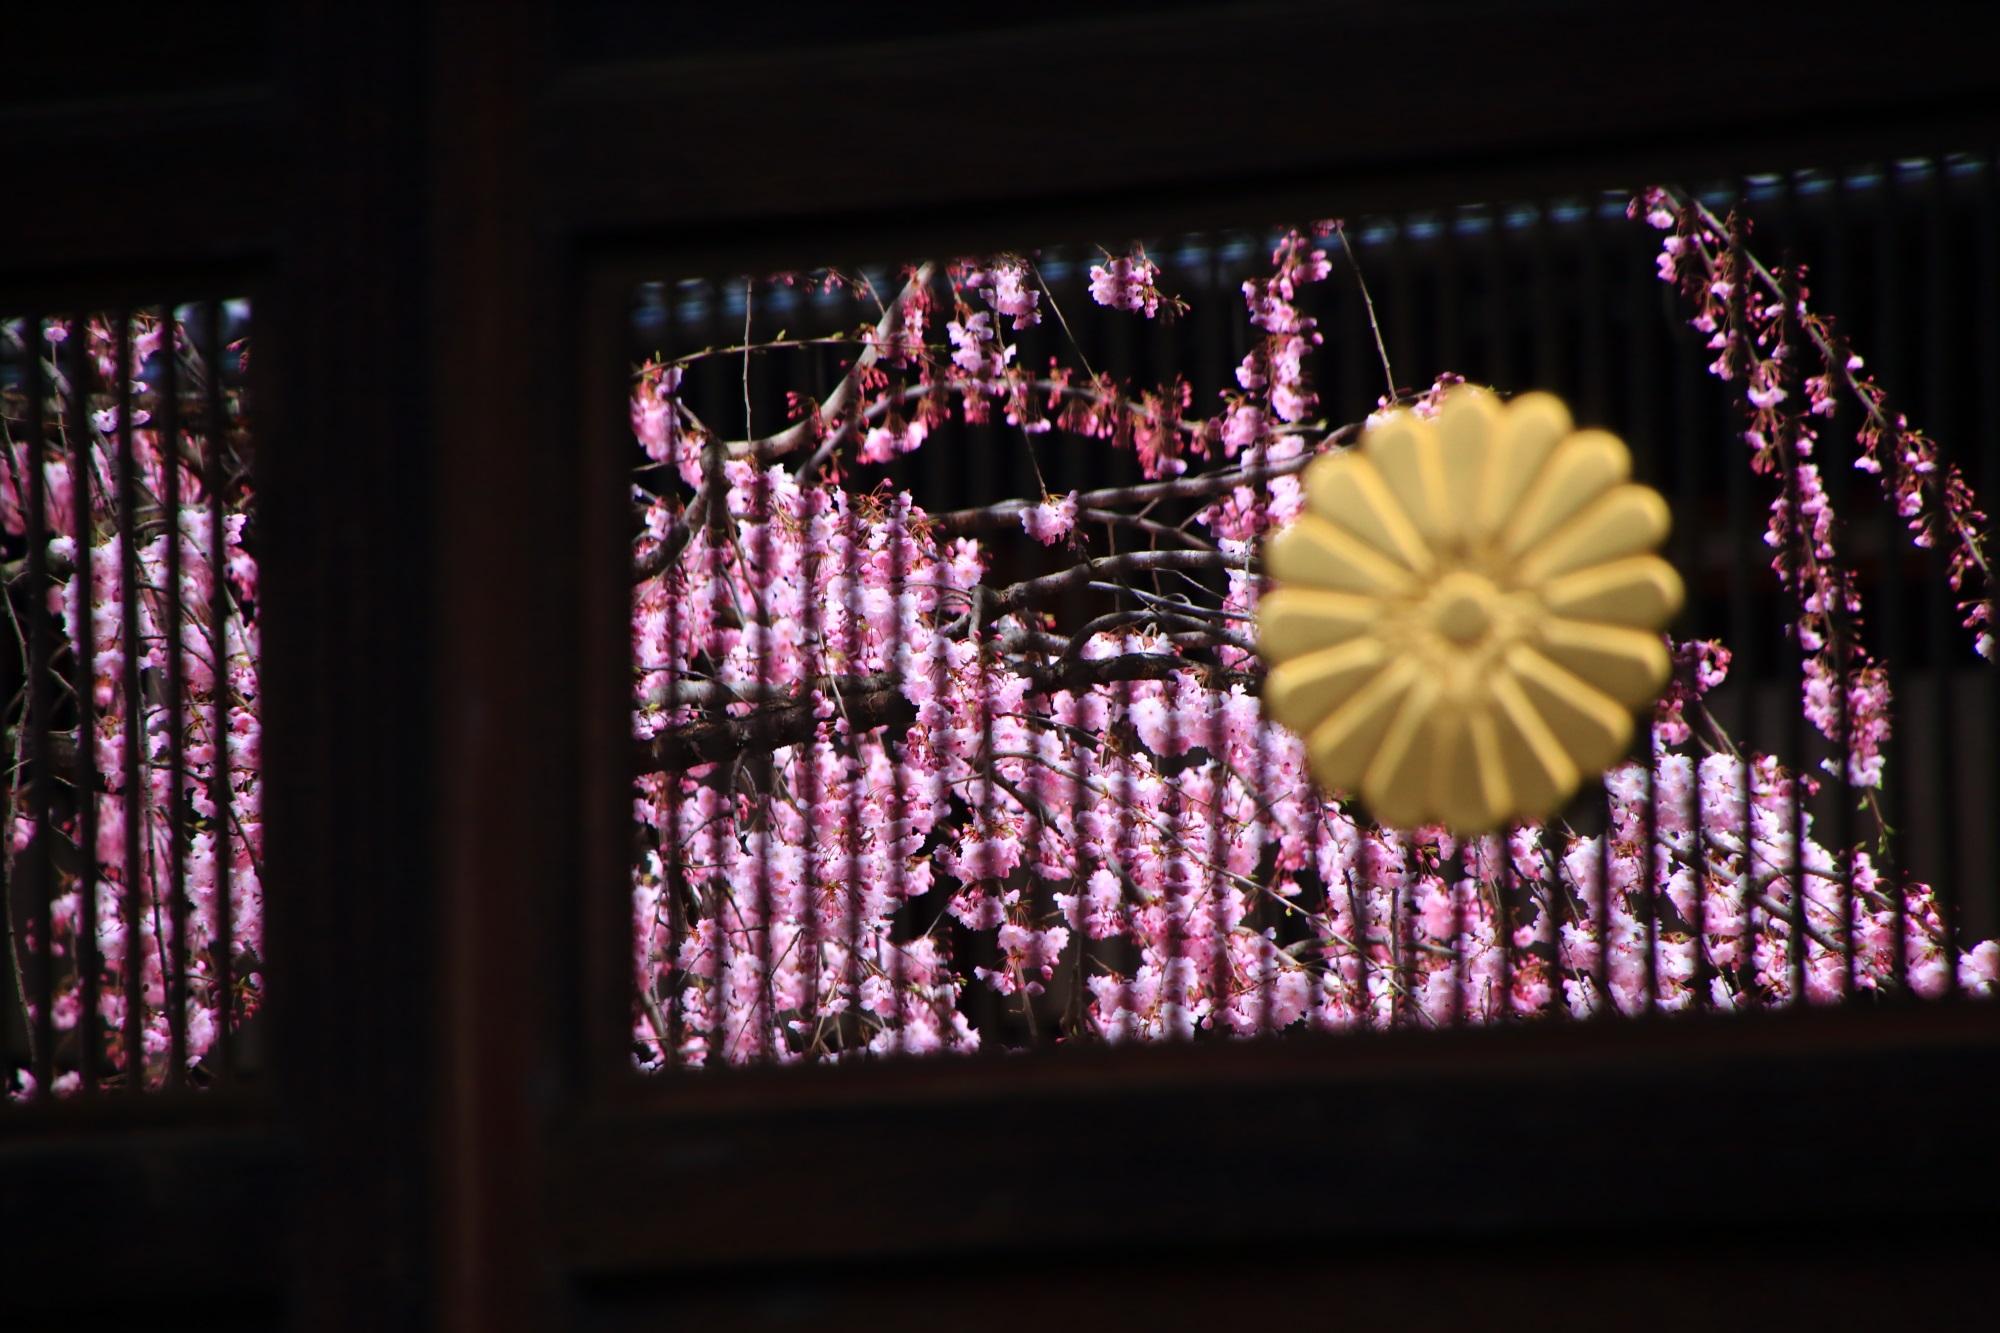 妙顕寺の満開のしだれ桜